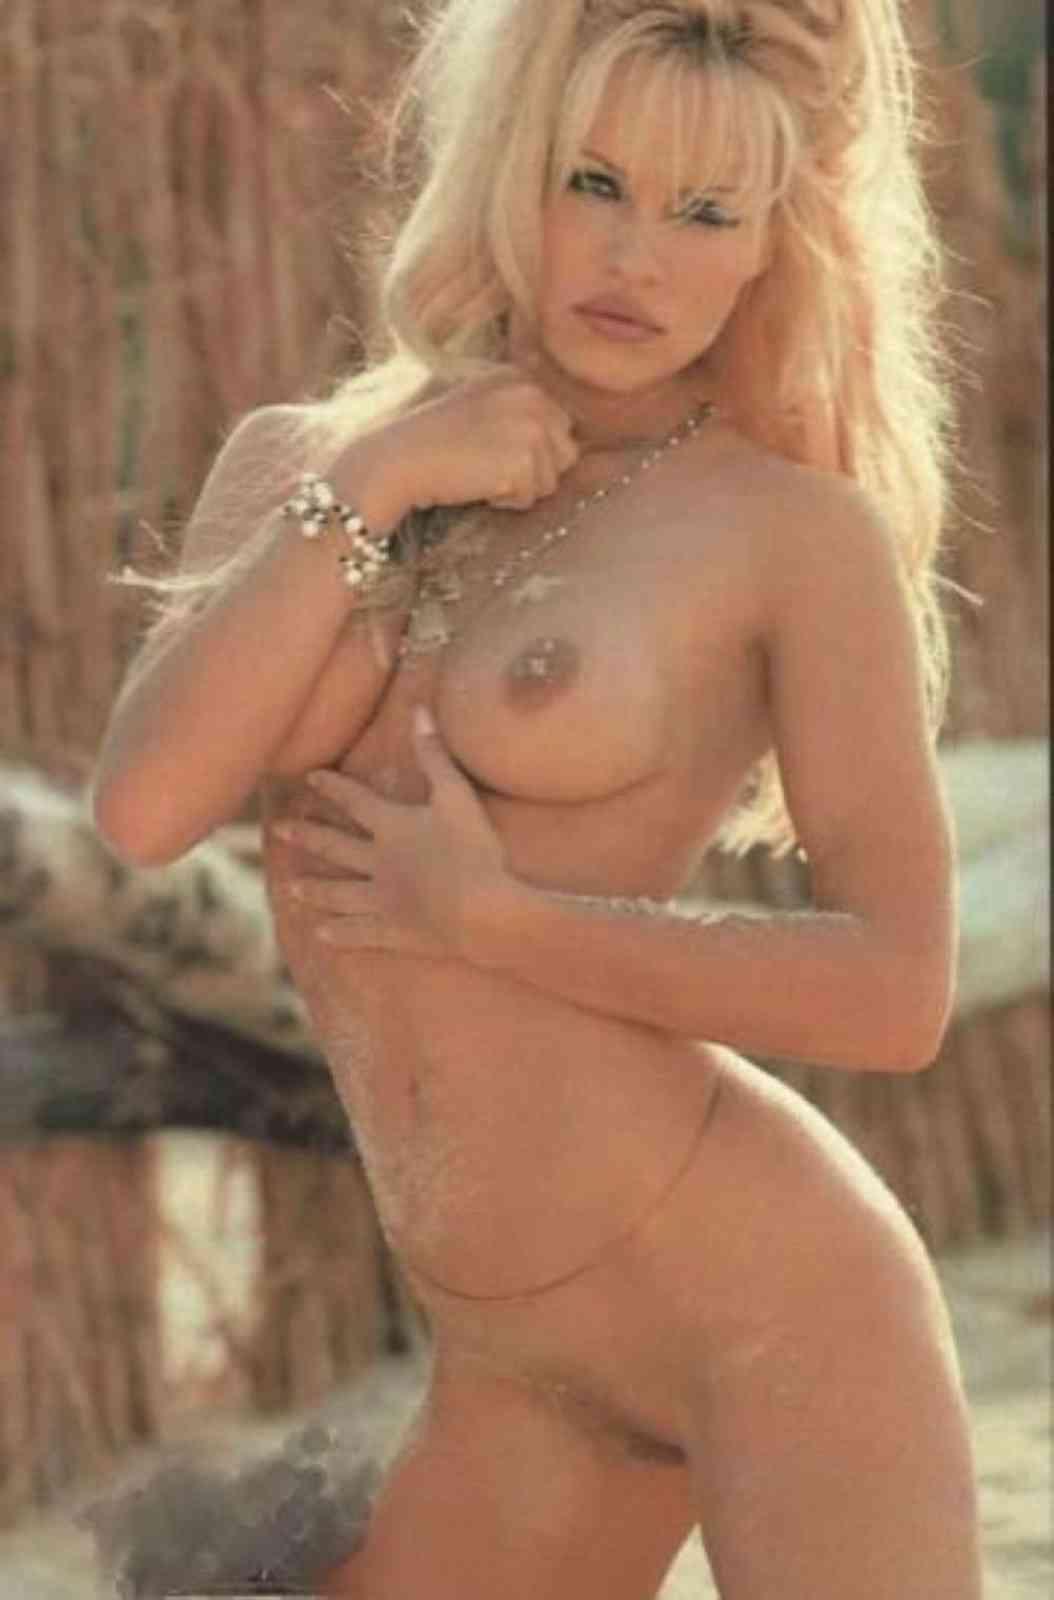 Mature woman naked art